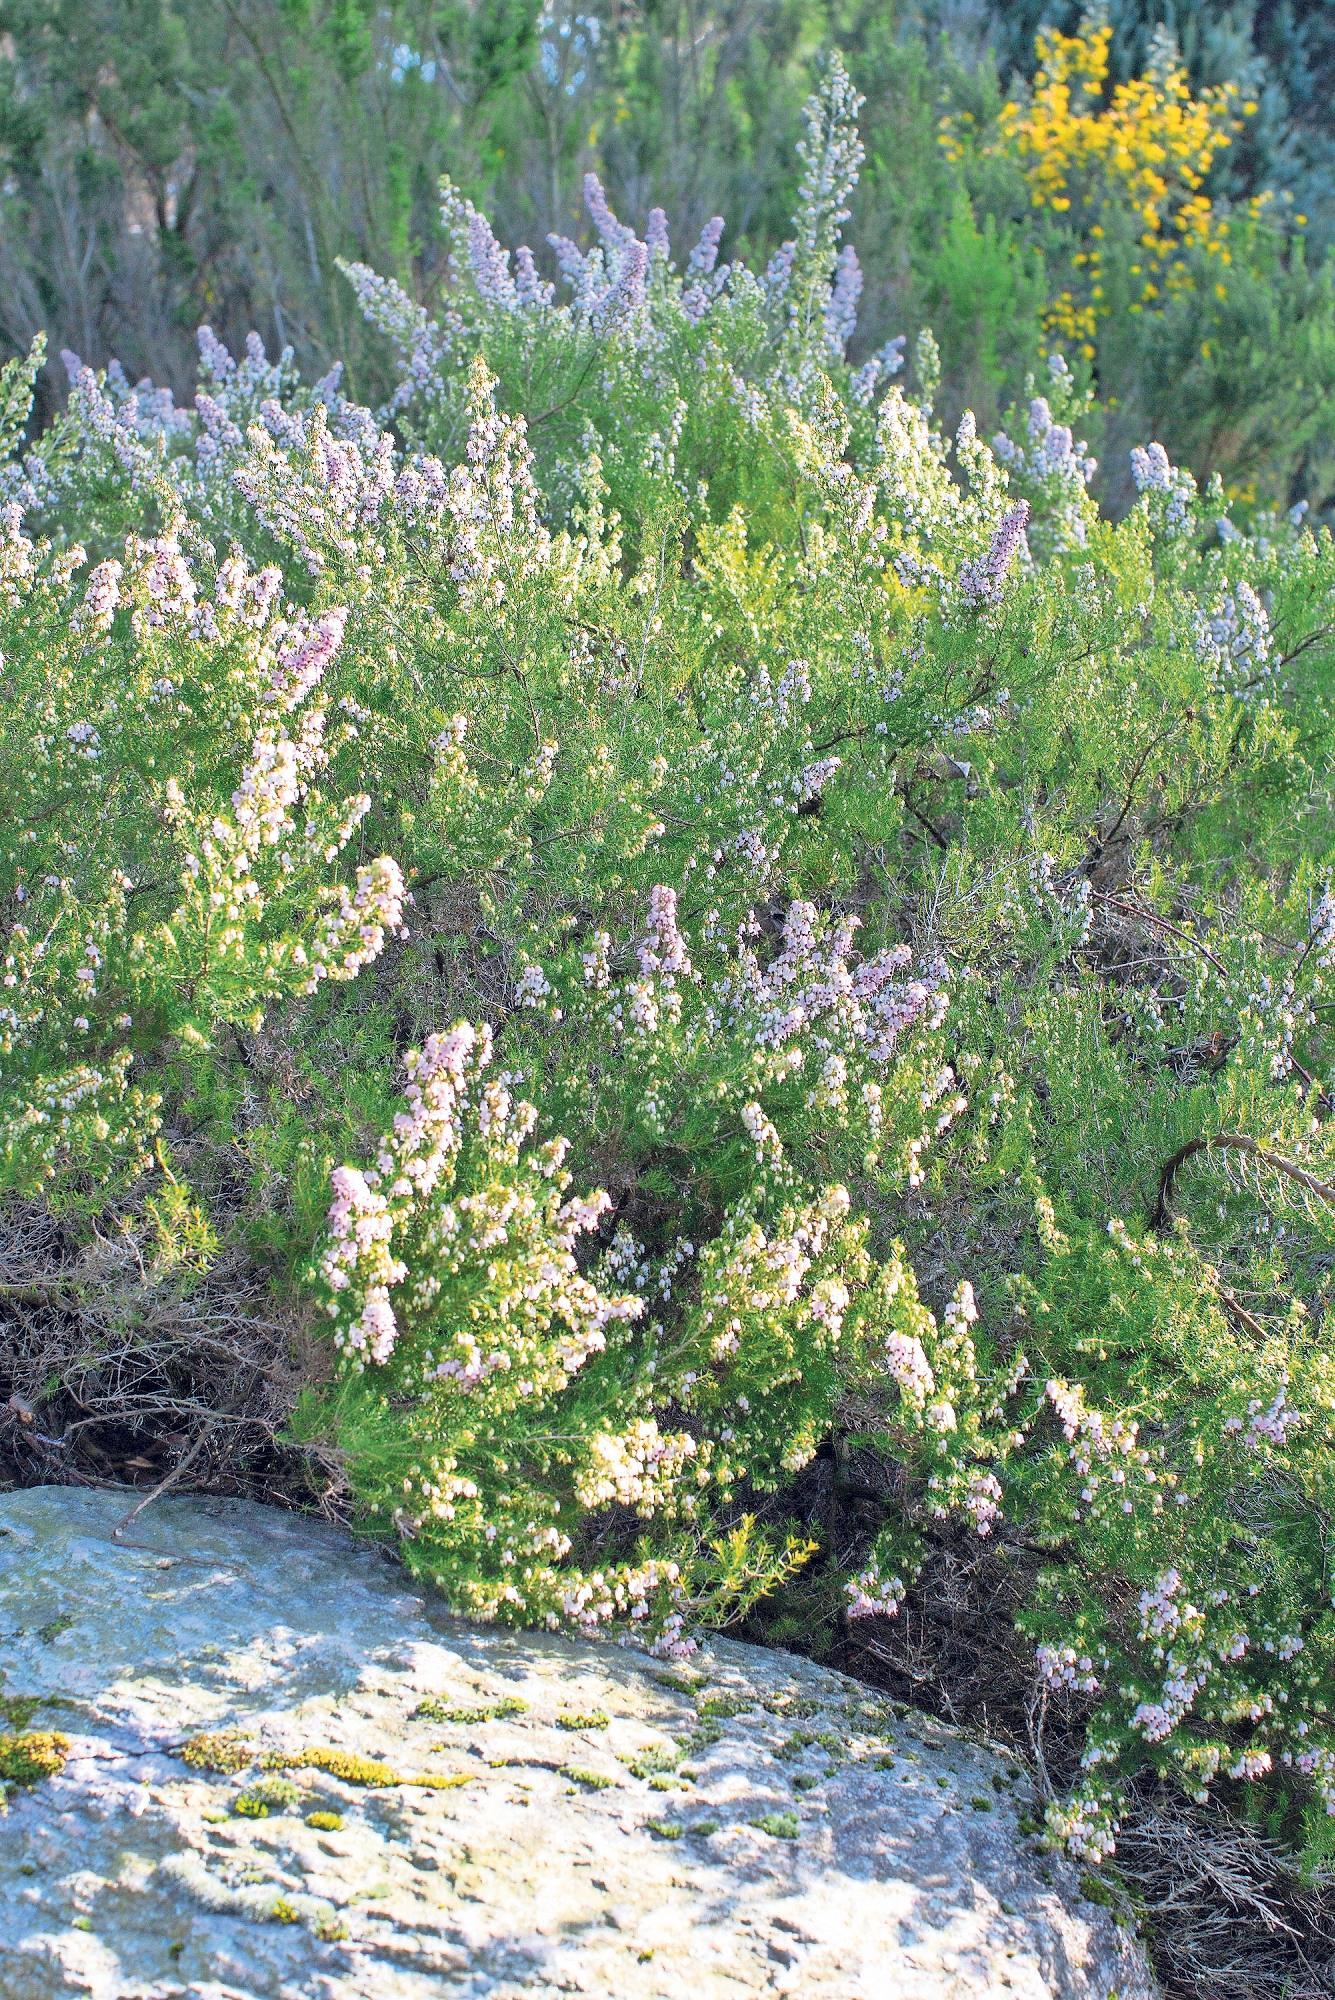 Ein Tipp für die Bepflanzung im Herbst ist die aufrechte Baumheide (Erica arborea). Foto: Marion Nickig/dpa-tmn